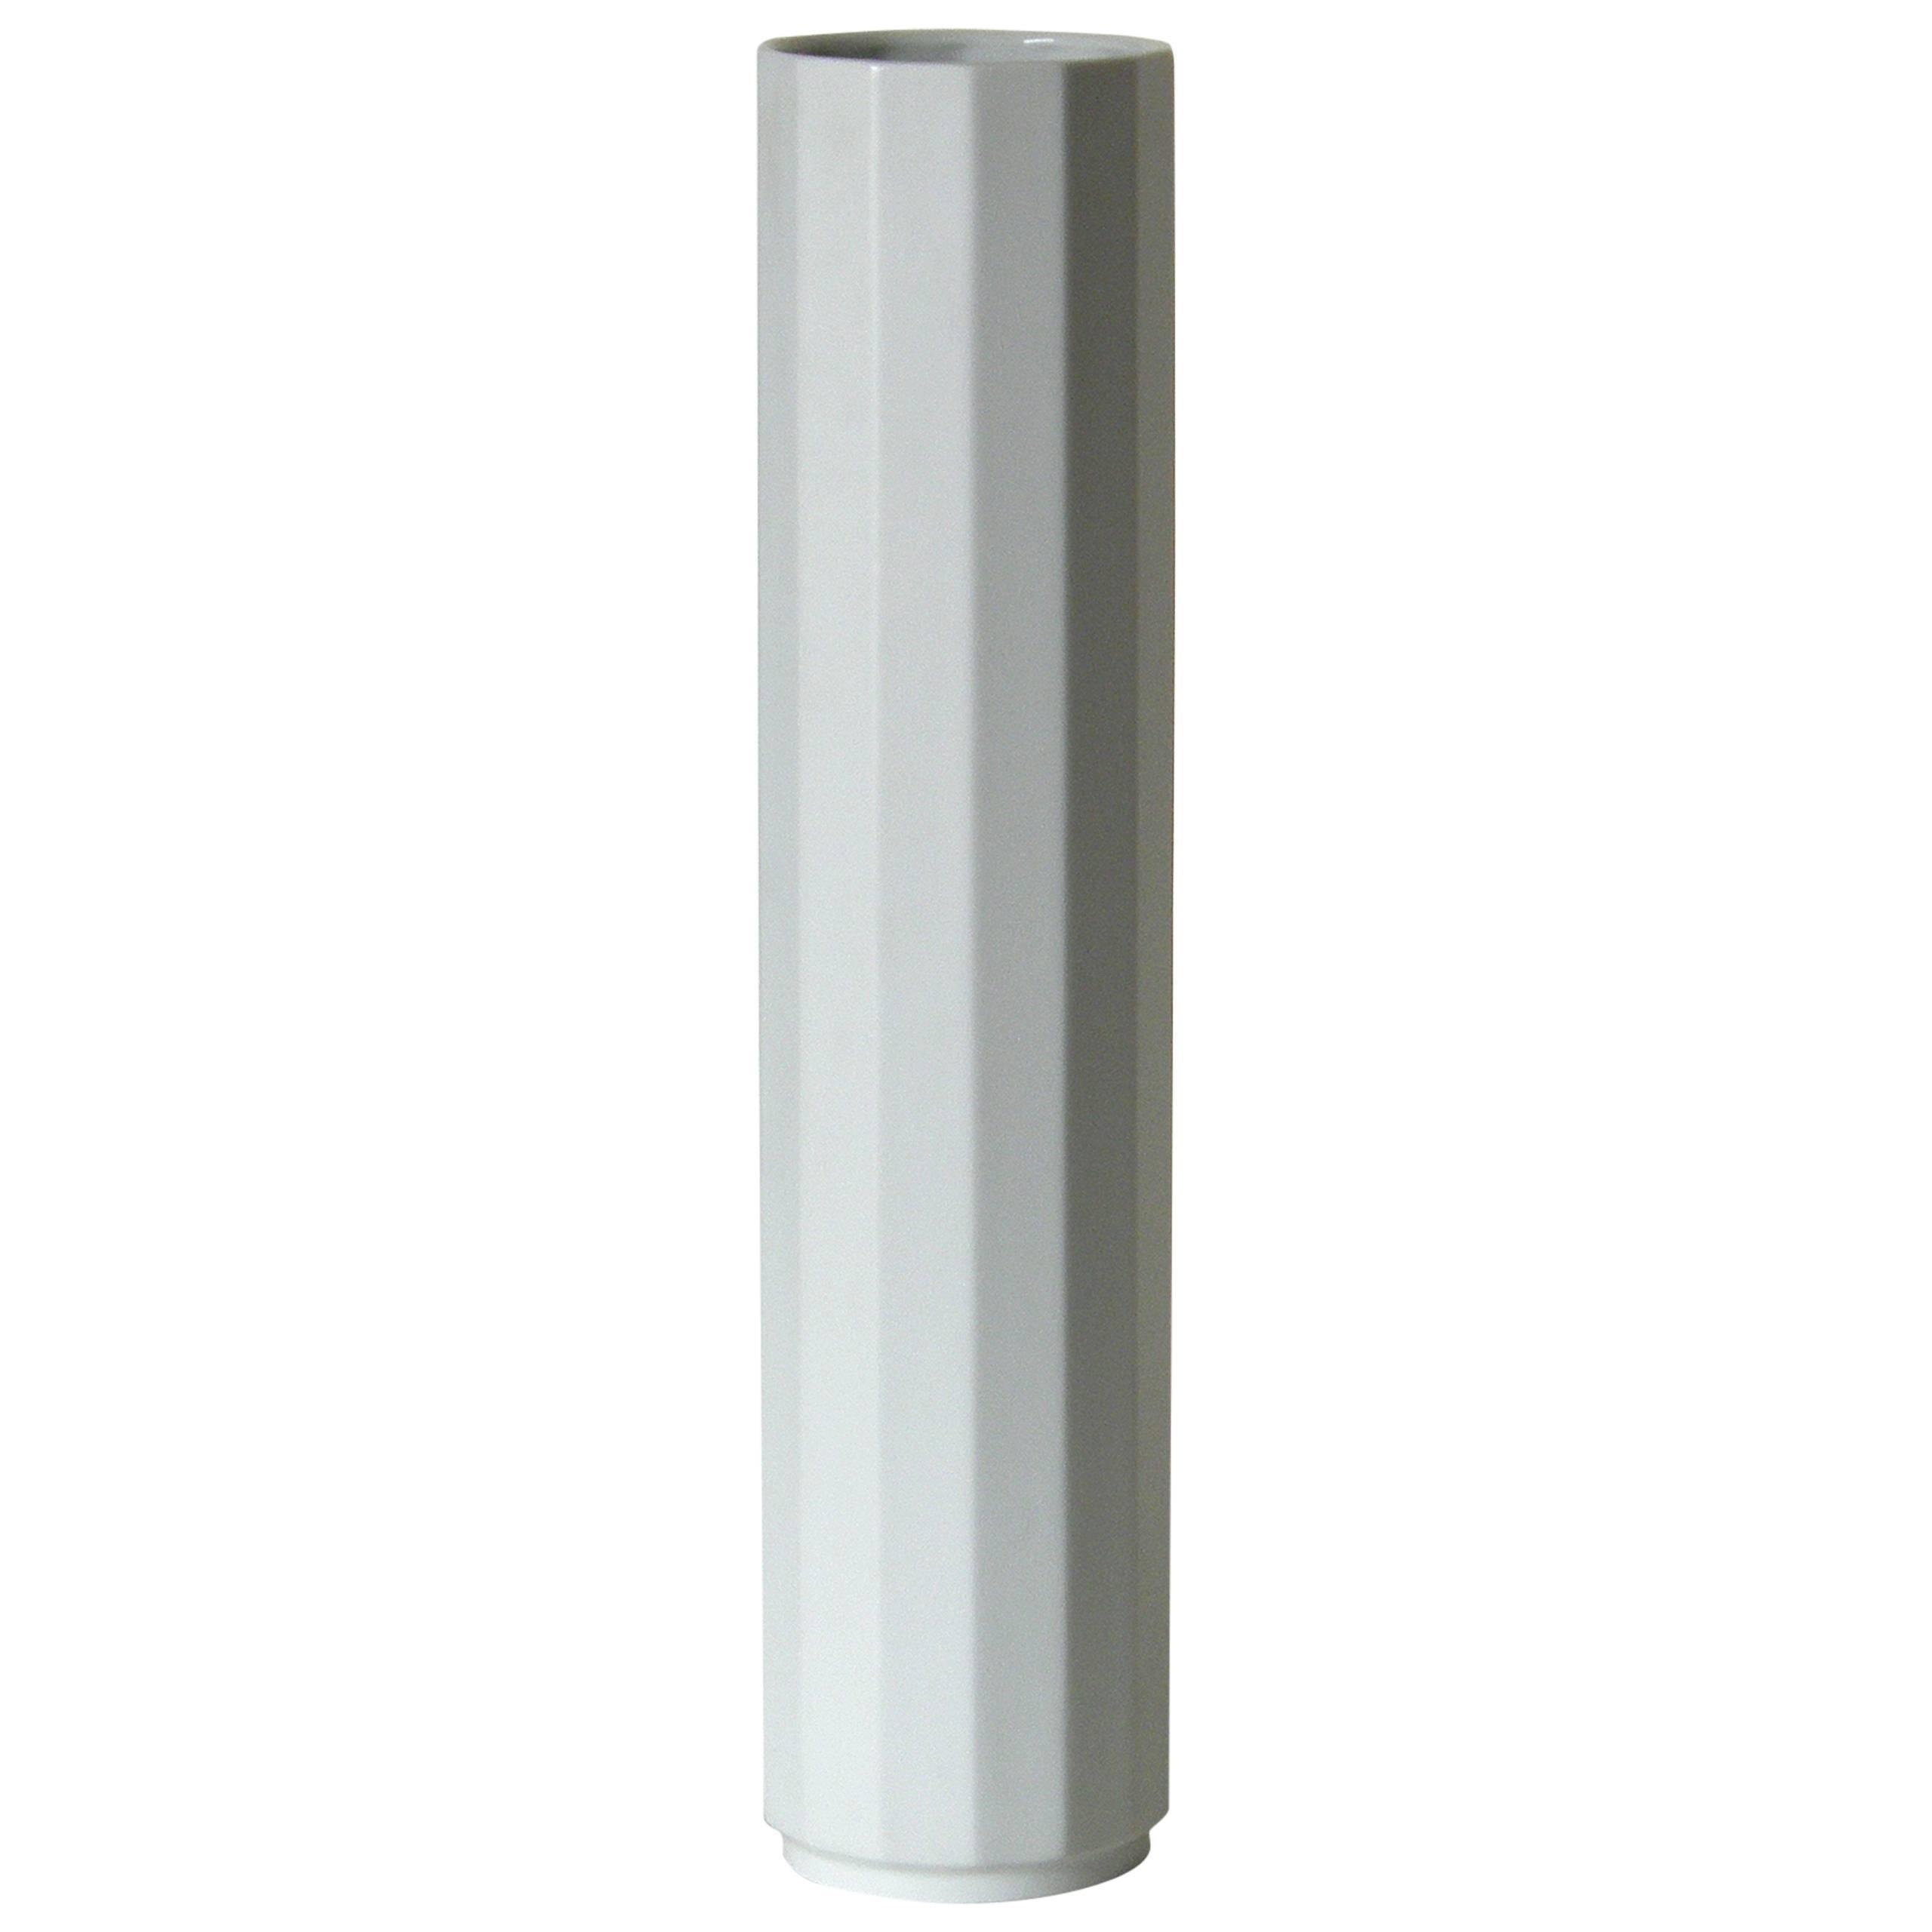 Nineteen Inch Tall Rosenthal Columnar Form Porcelain Vase Germany